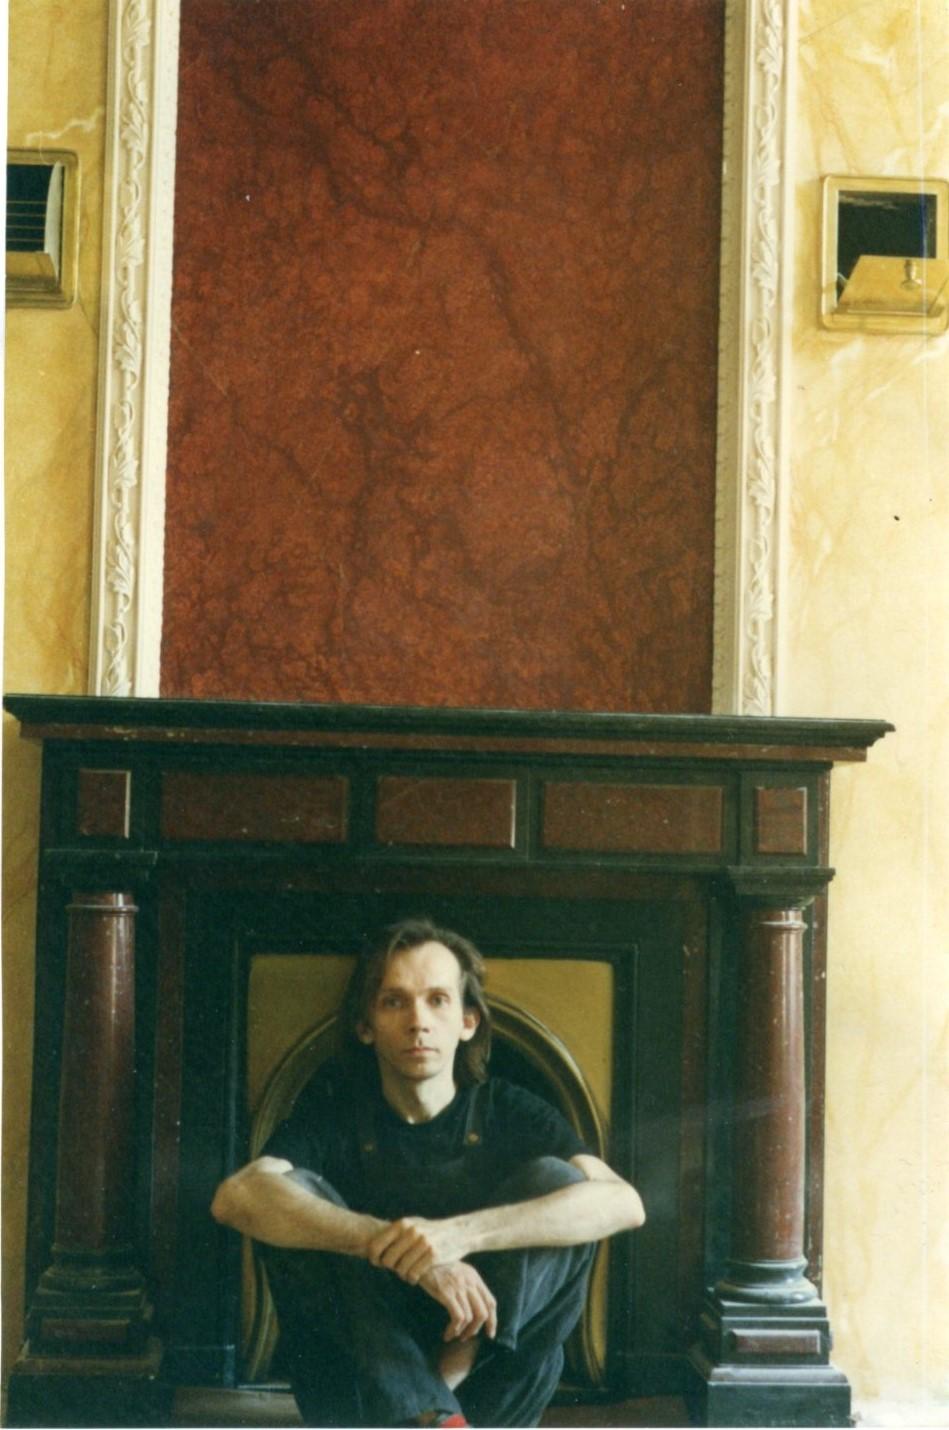 На фото - Ю. Сычёв во время работы над интерьером кабинета патриарха Алекия в Чистом переулке, в московской резиденции патриарха, в здании Священного синода. 1997 год.